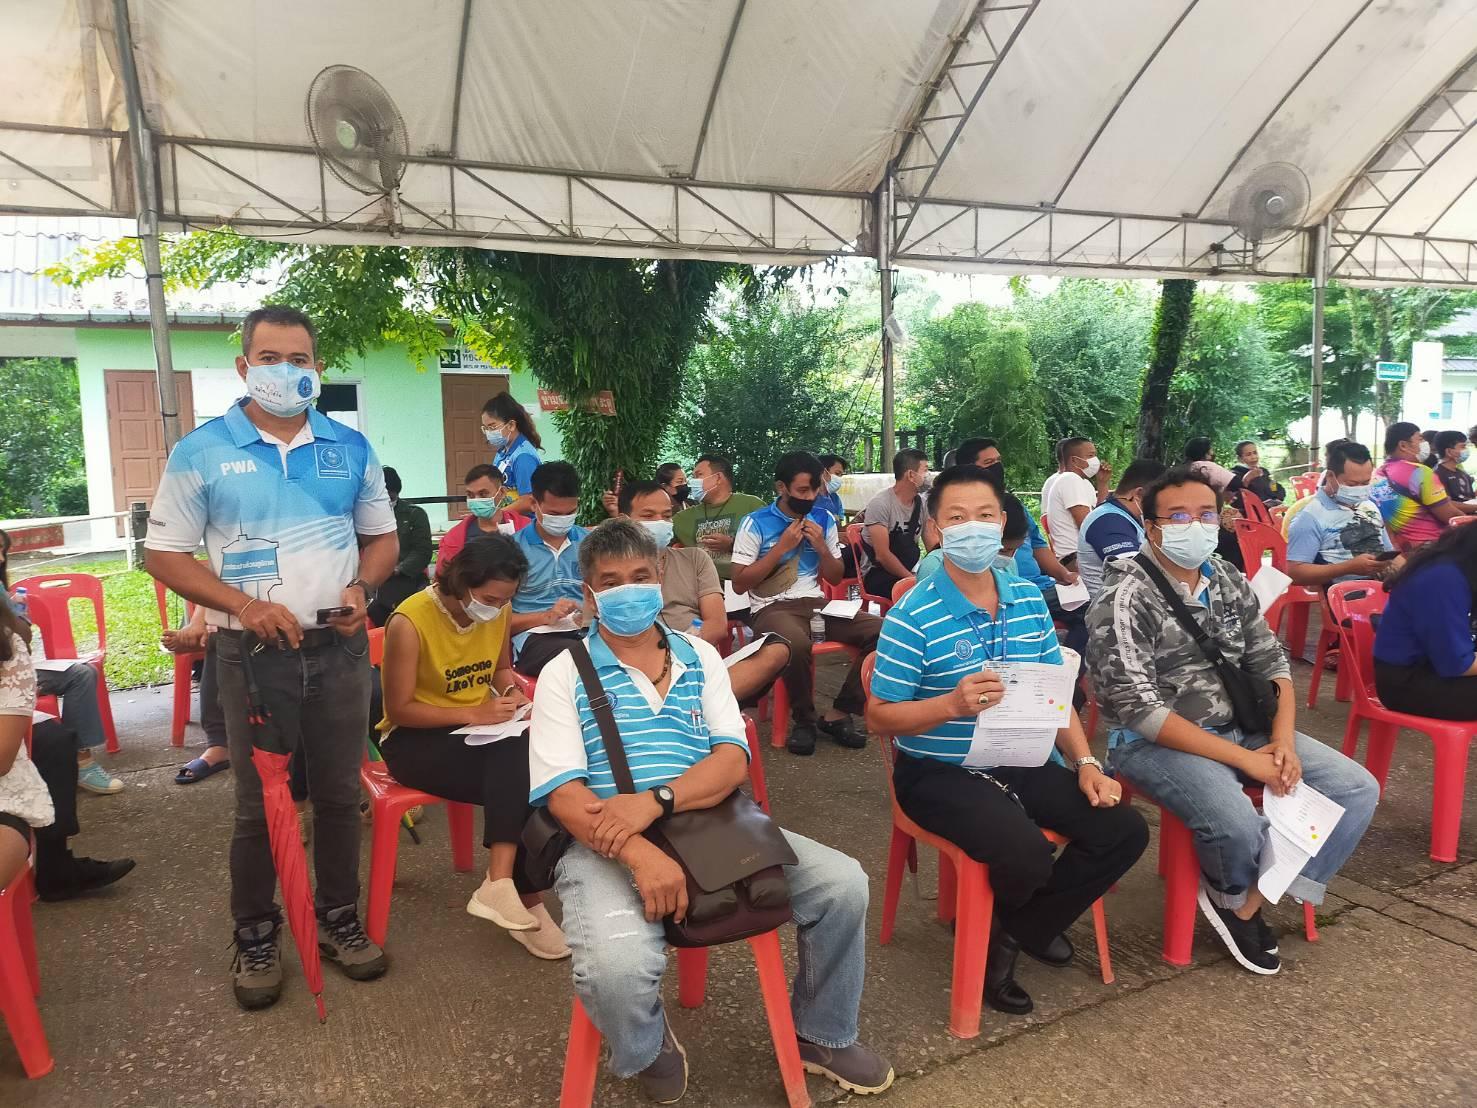 ผู้จัดการ กปภ.สาขาตะกั่วป่า นำทีมพนักงาน เข้ารับบริการฉีดวัคซีนโควิด -19 โด๊สแรก ครบ 100% ทุกคน